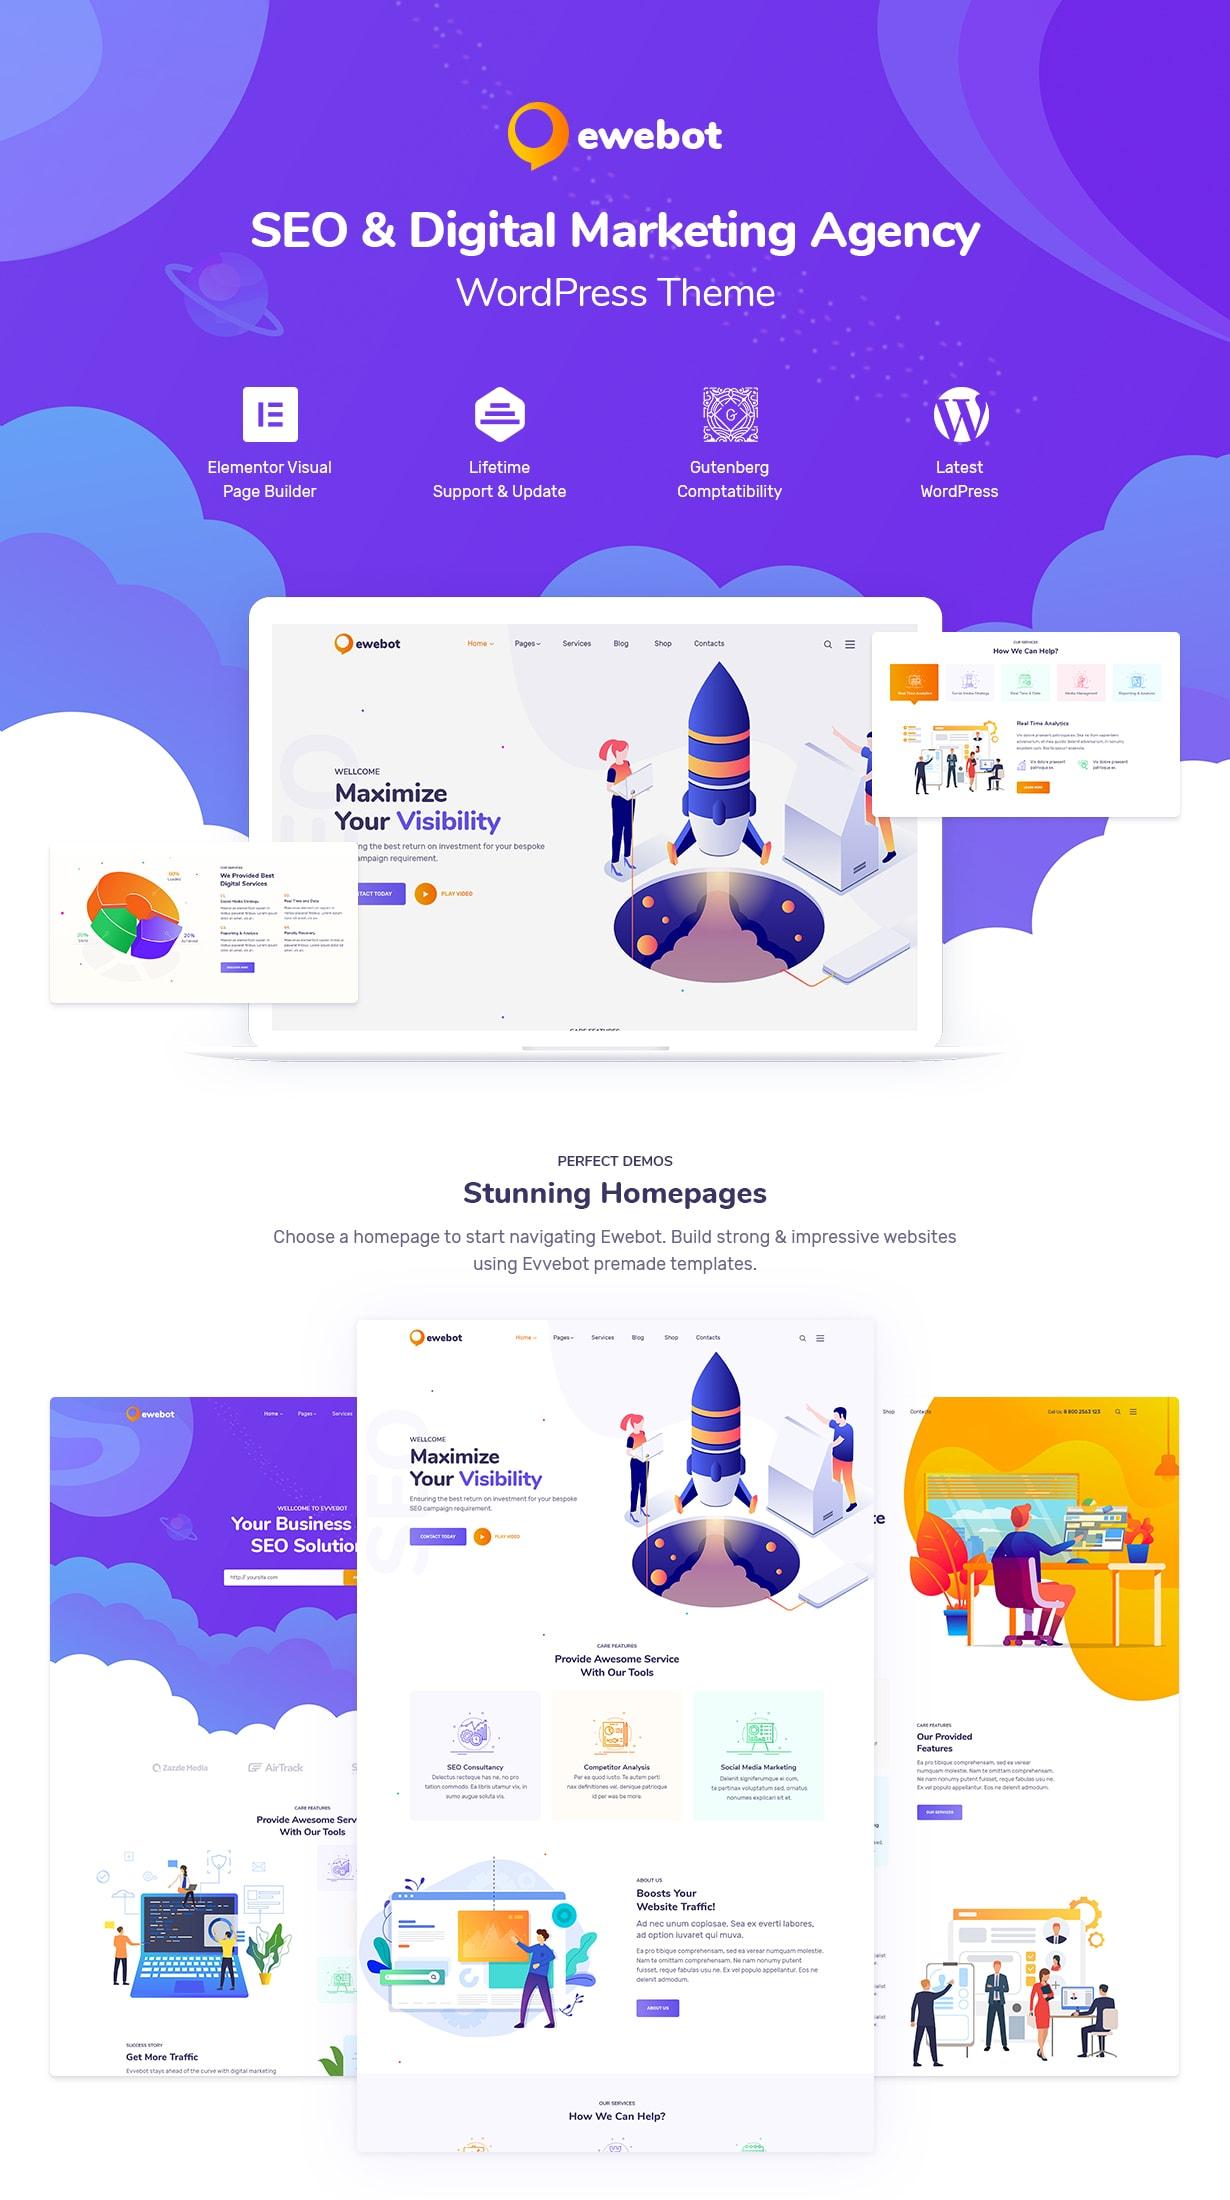 Ewebot - التسويق والوكالة الرقمية لتحسين محركات البحث - 4